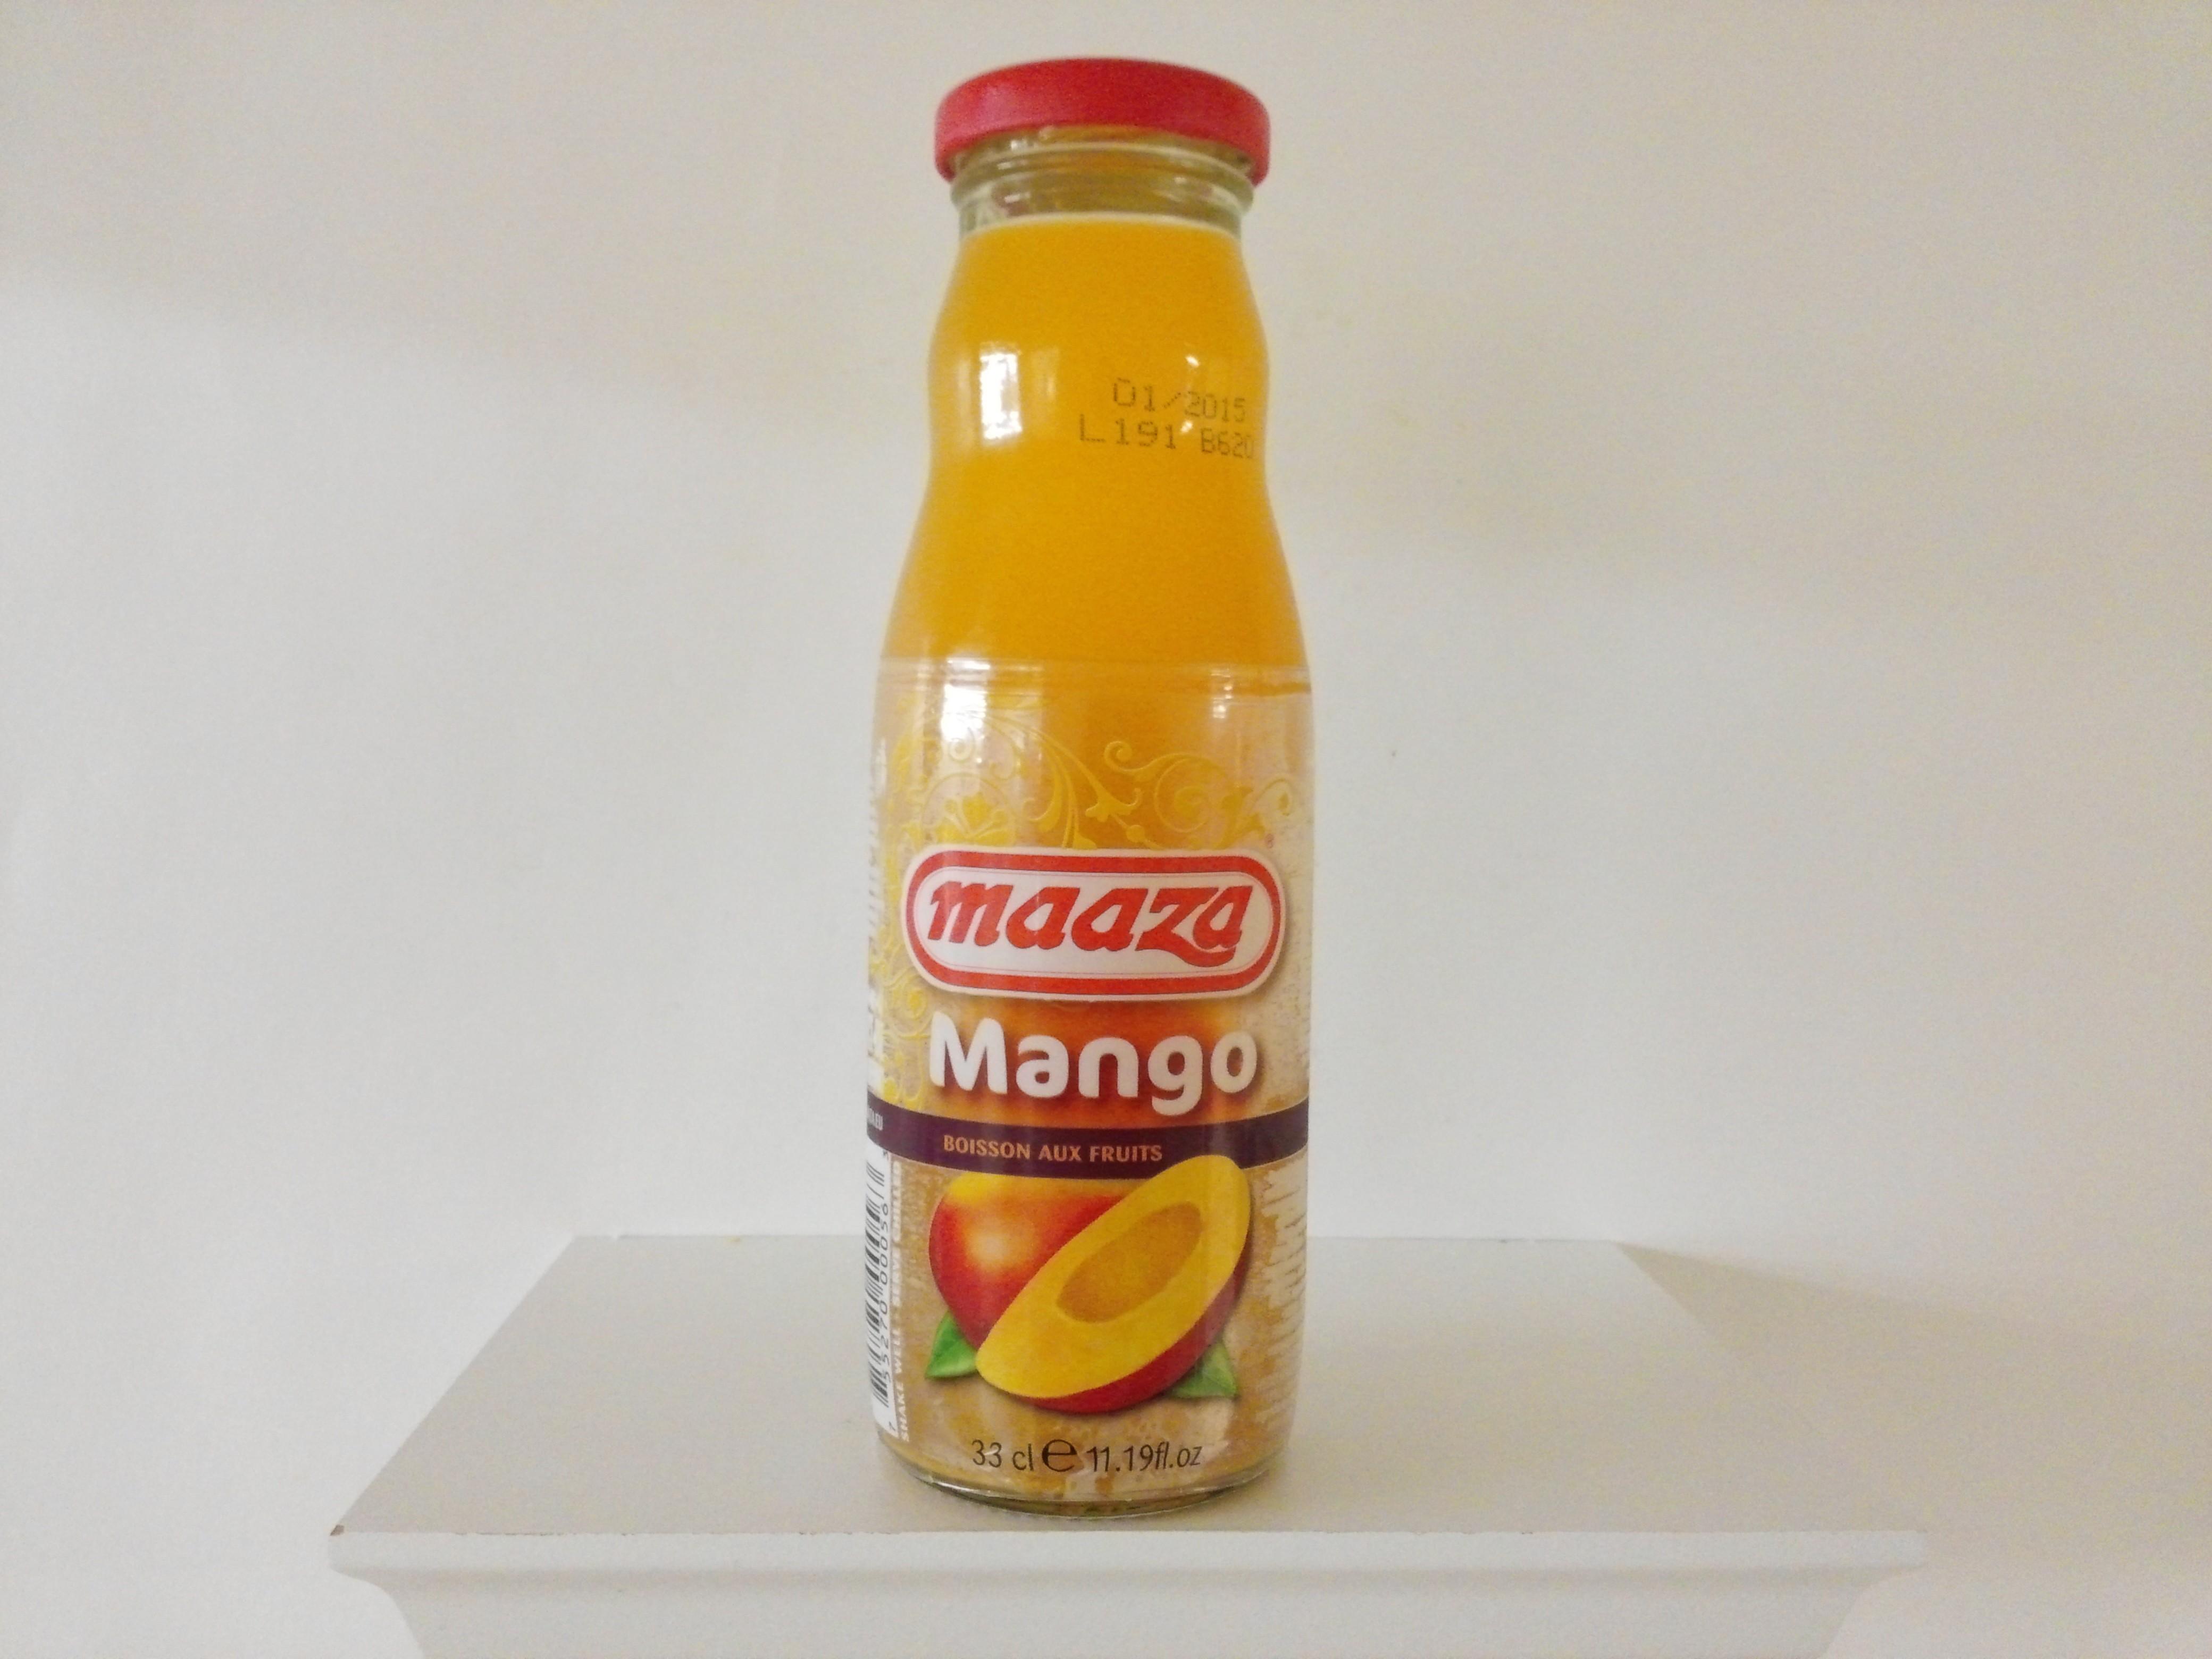 Maaza Mango Juice Drink 11.19 oz